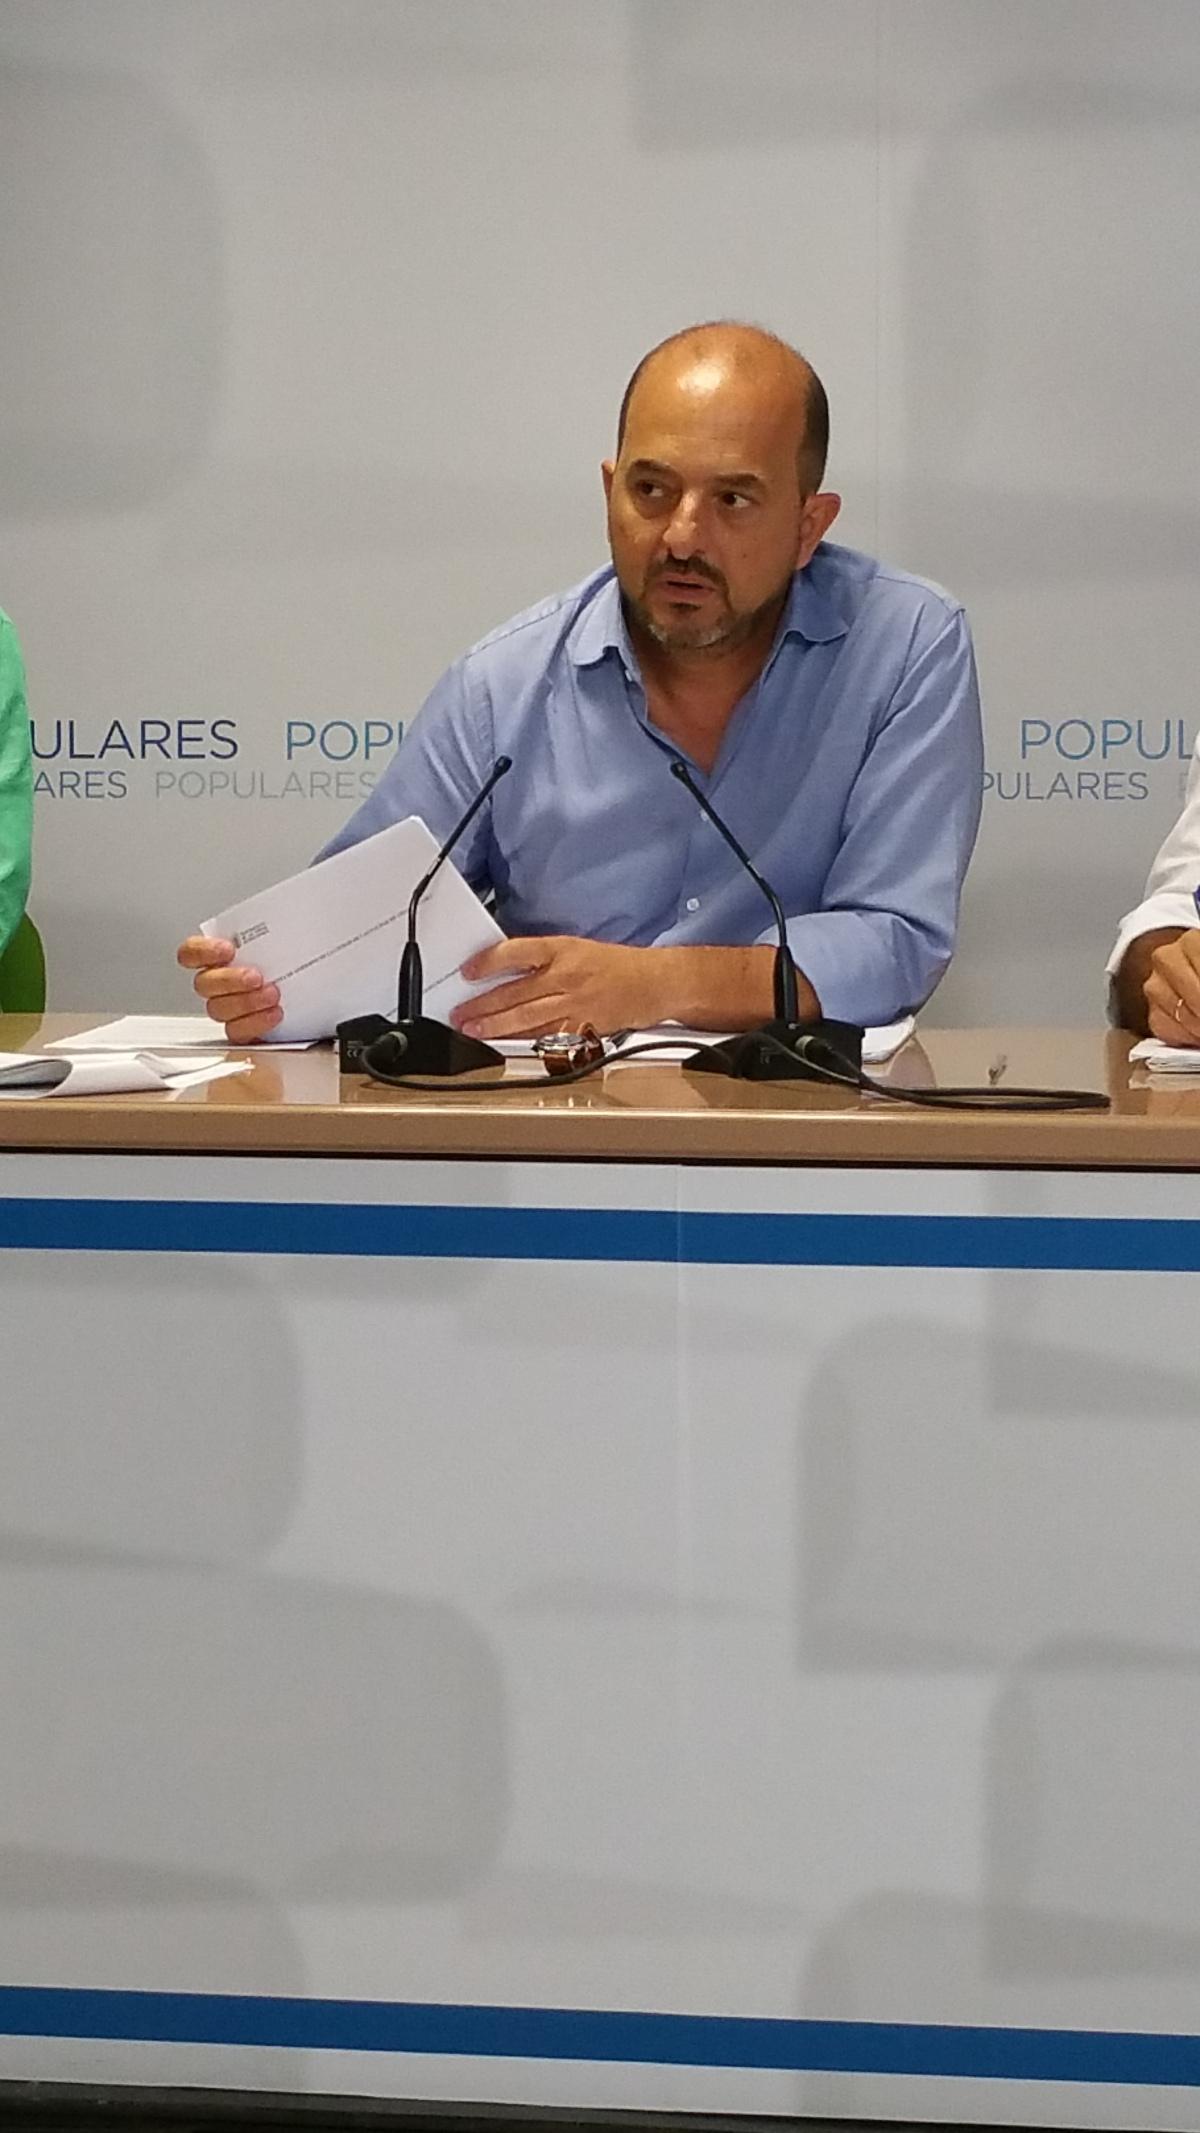 Cardona solicita a Hidalgo que aclare si va a presentar alegaciones a la Ordenanza que regula la nueva desmesurada Tasa de Tratamiento de Residuos impuesta por elCabildo